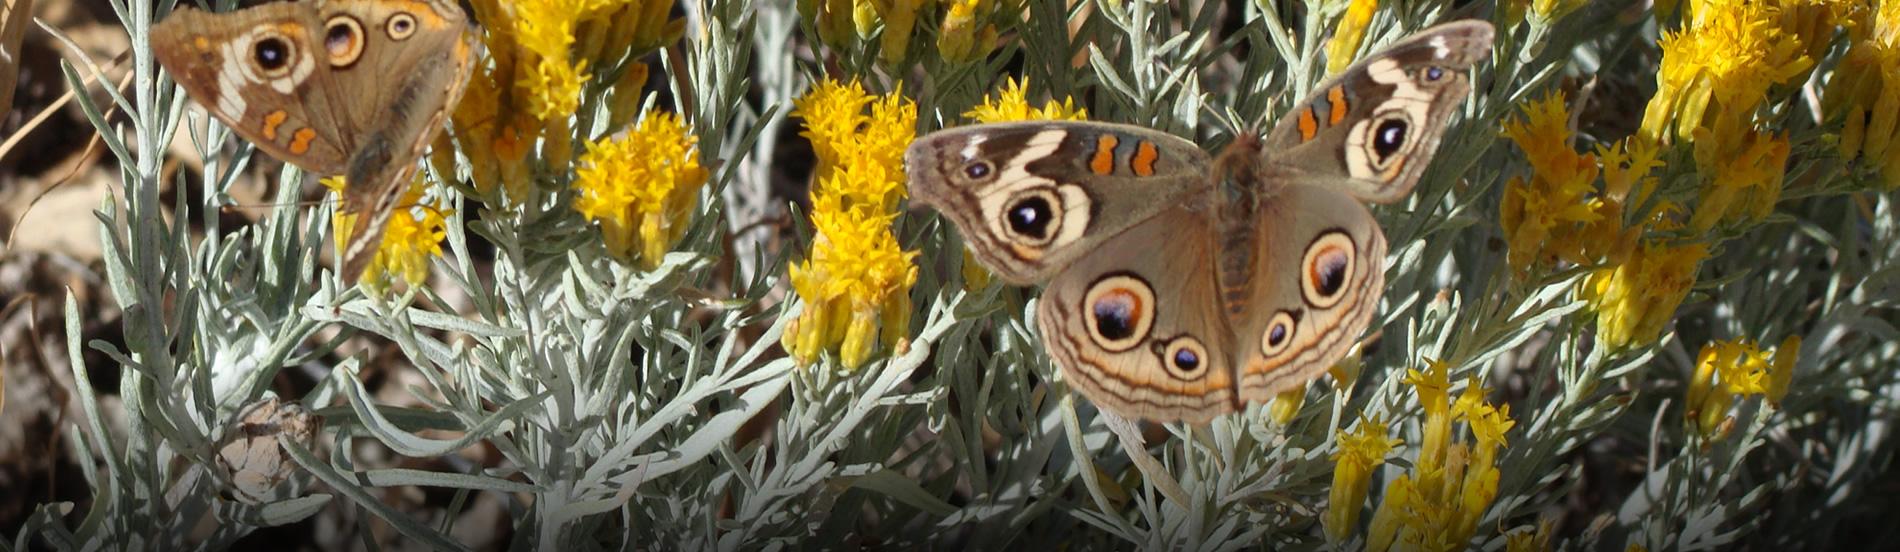 Buckeye Butterflies on Rabbit Brush